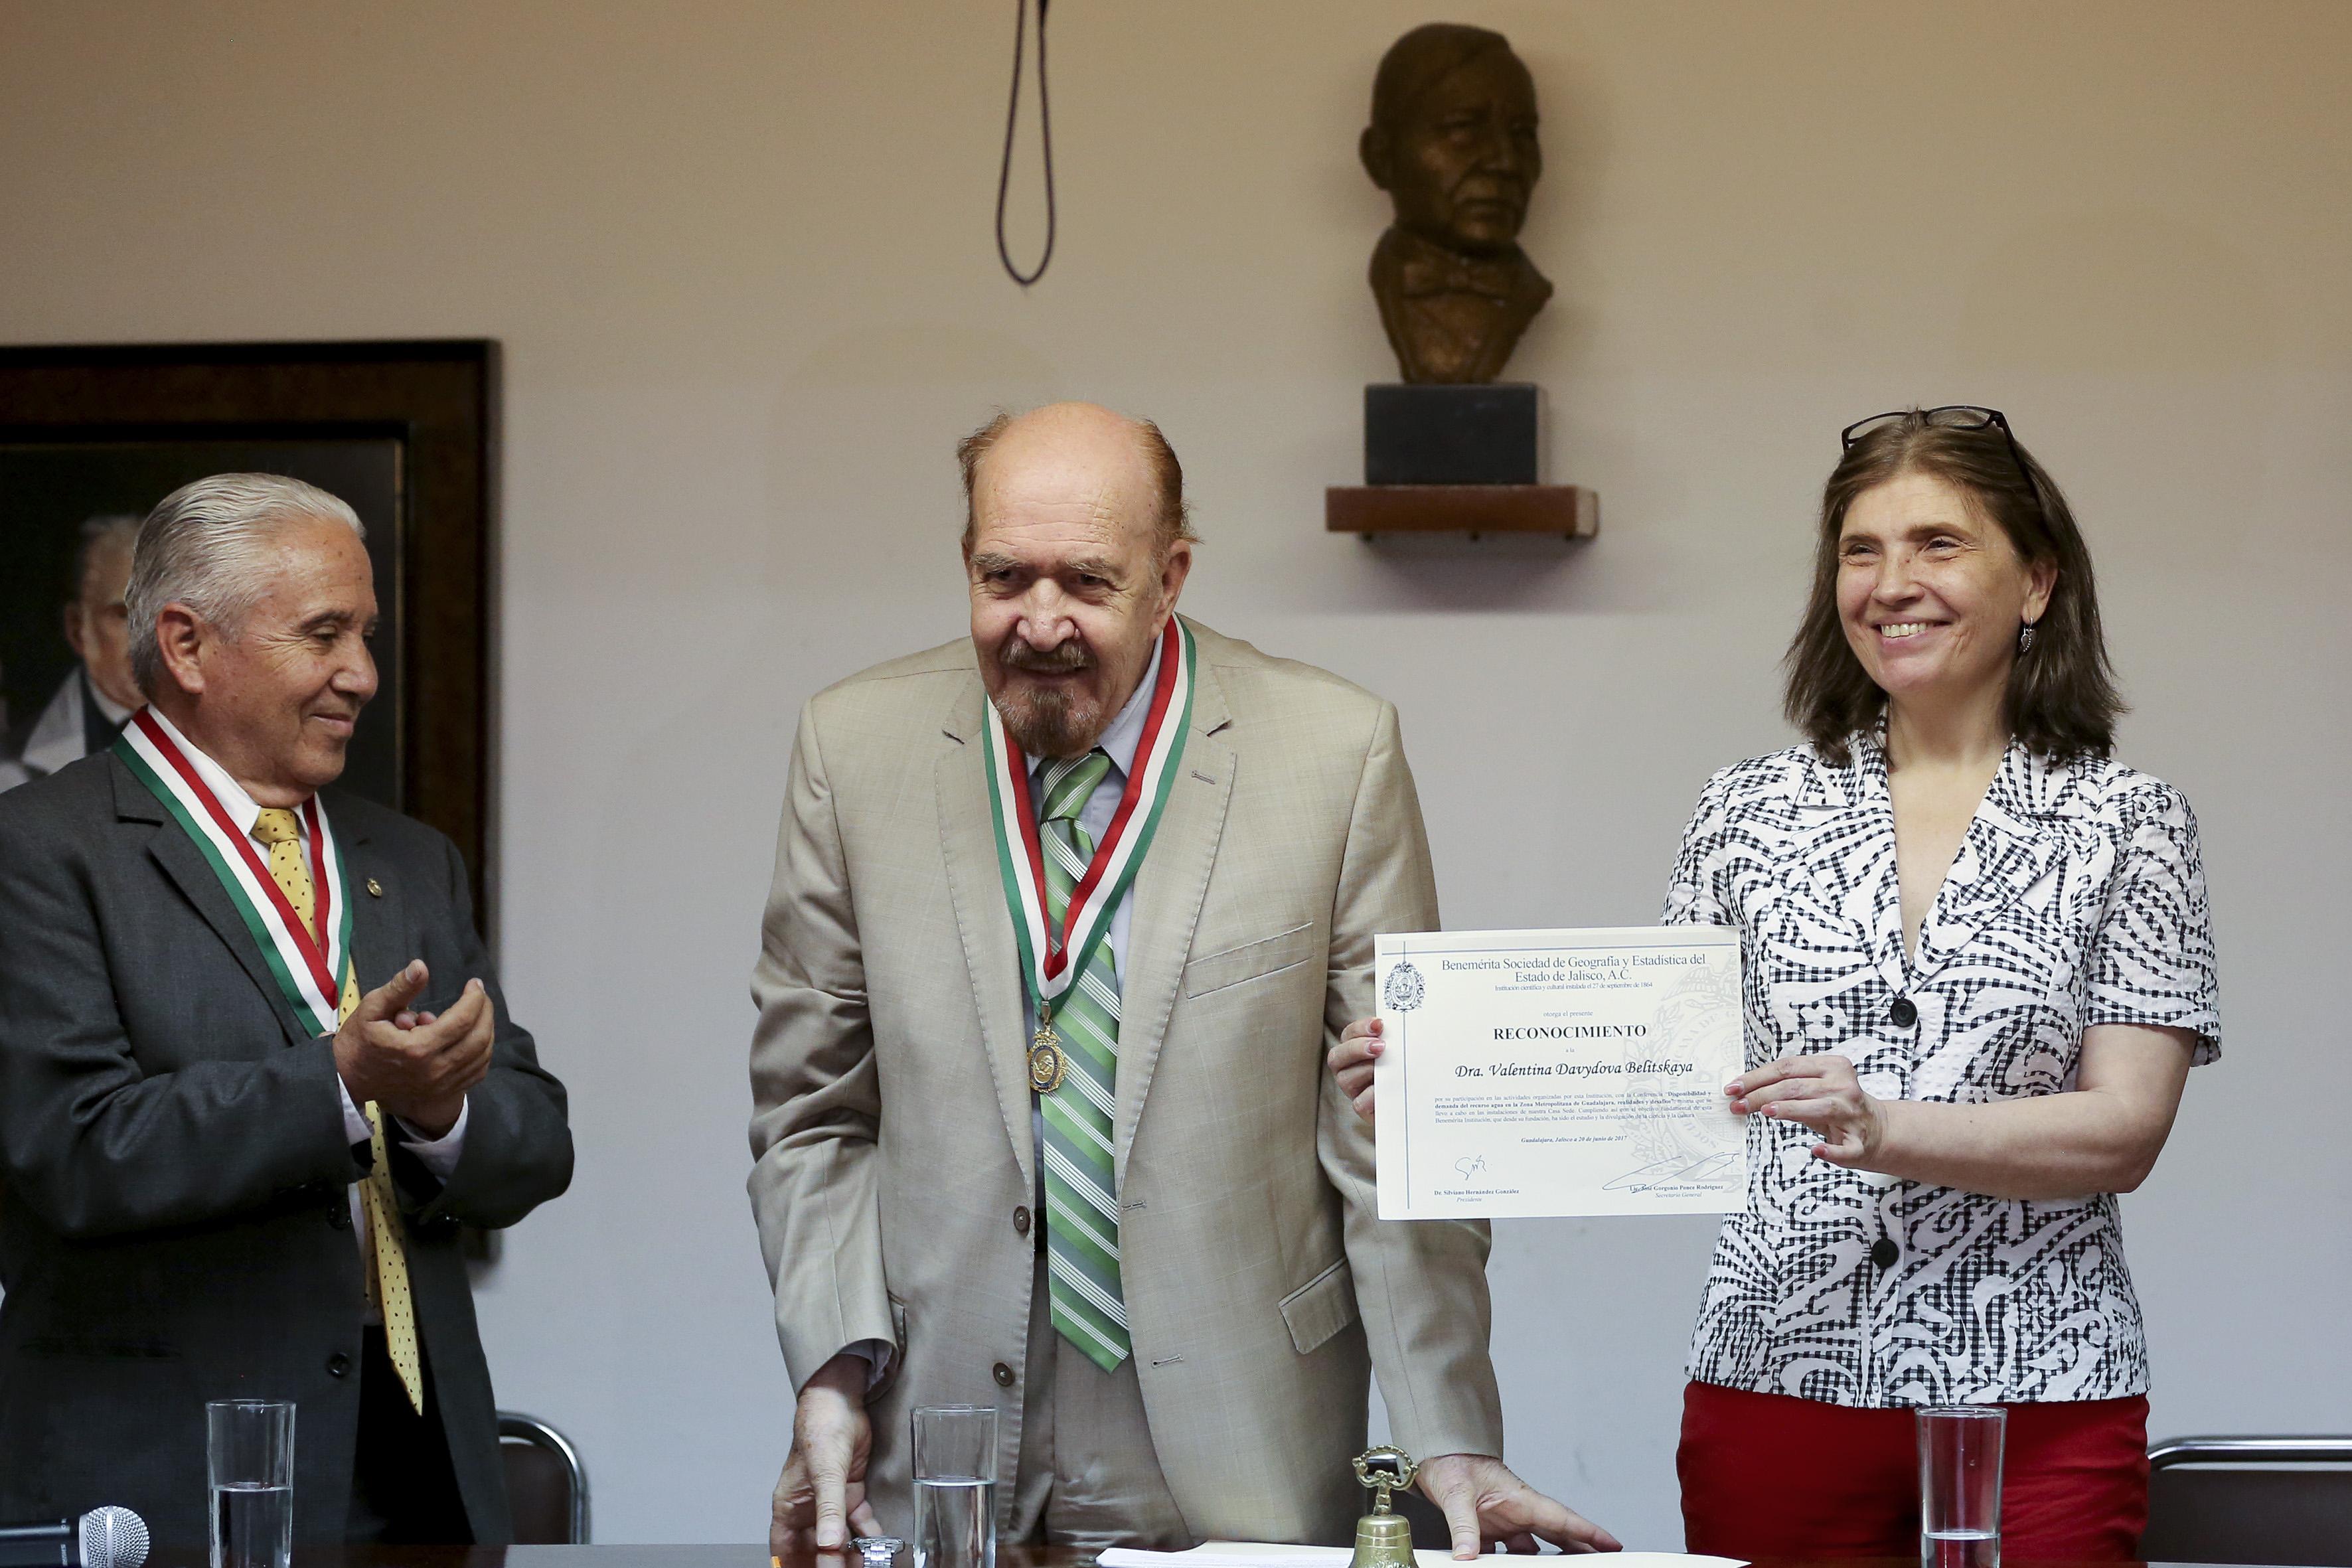 Doctora Valentina Davydova Belitskaya, investigadora del Departamento de Ciencias Ambientales, del Centro Universitario de Ciencias Biológicas y Agropecuarias de la Universidad de Guadalajara, recibiendo un reconocimiento por parte del titular de la Benemérita Sociedad de Geografía y Estadística del Estado de Jalisco, AC.